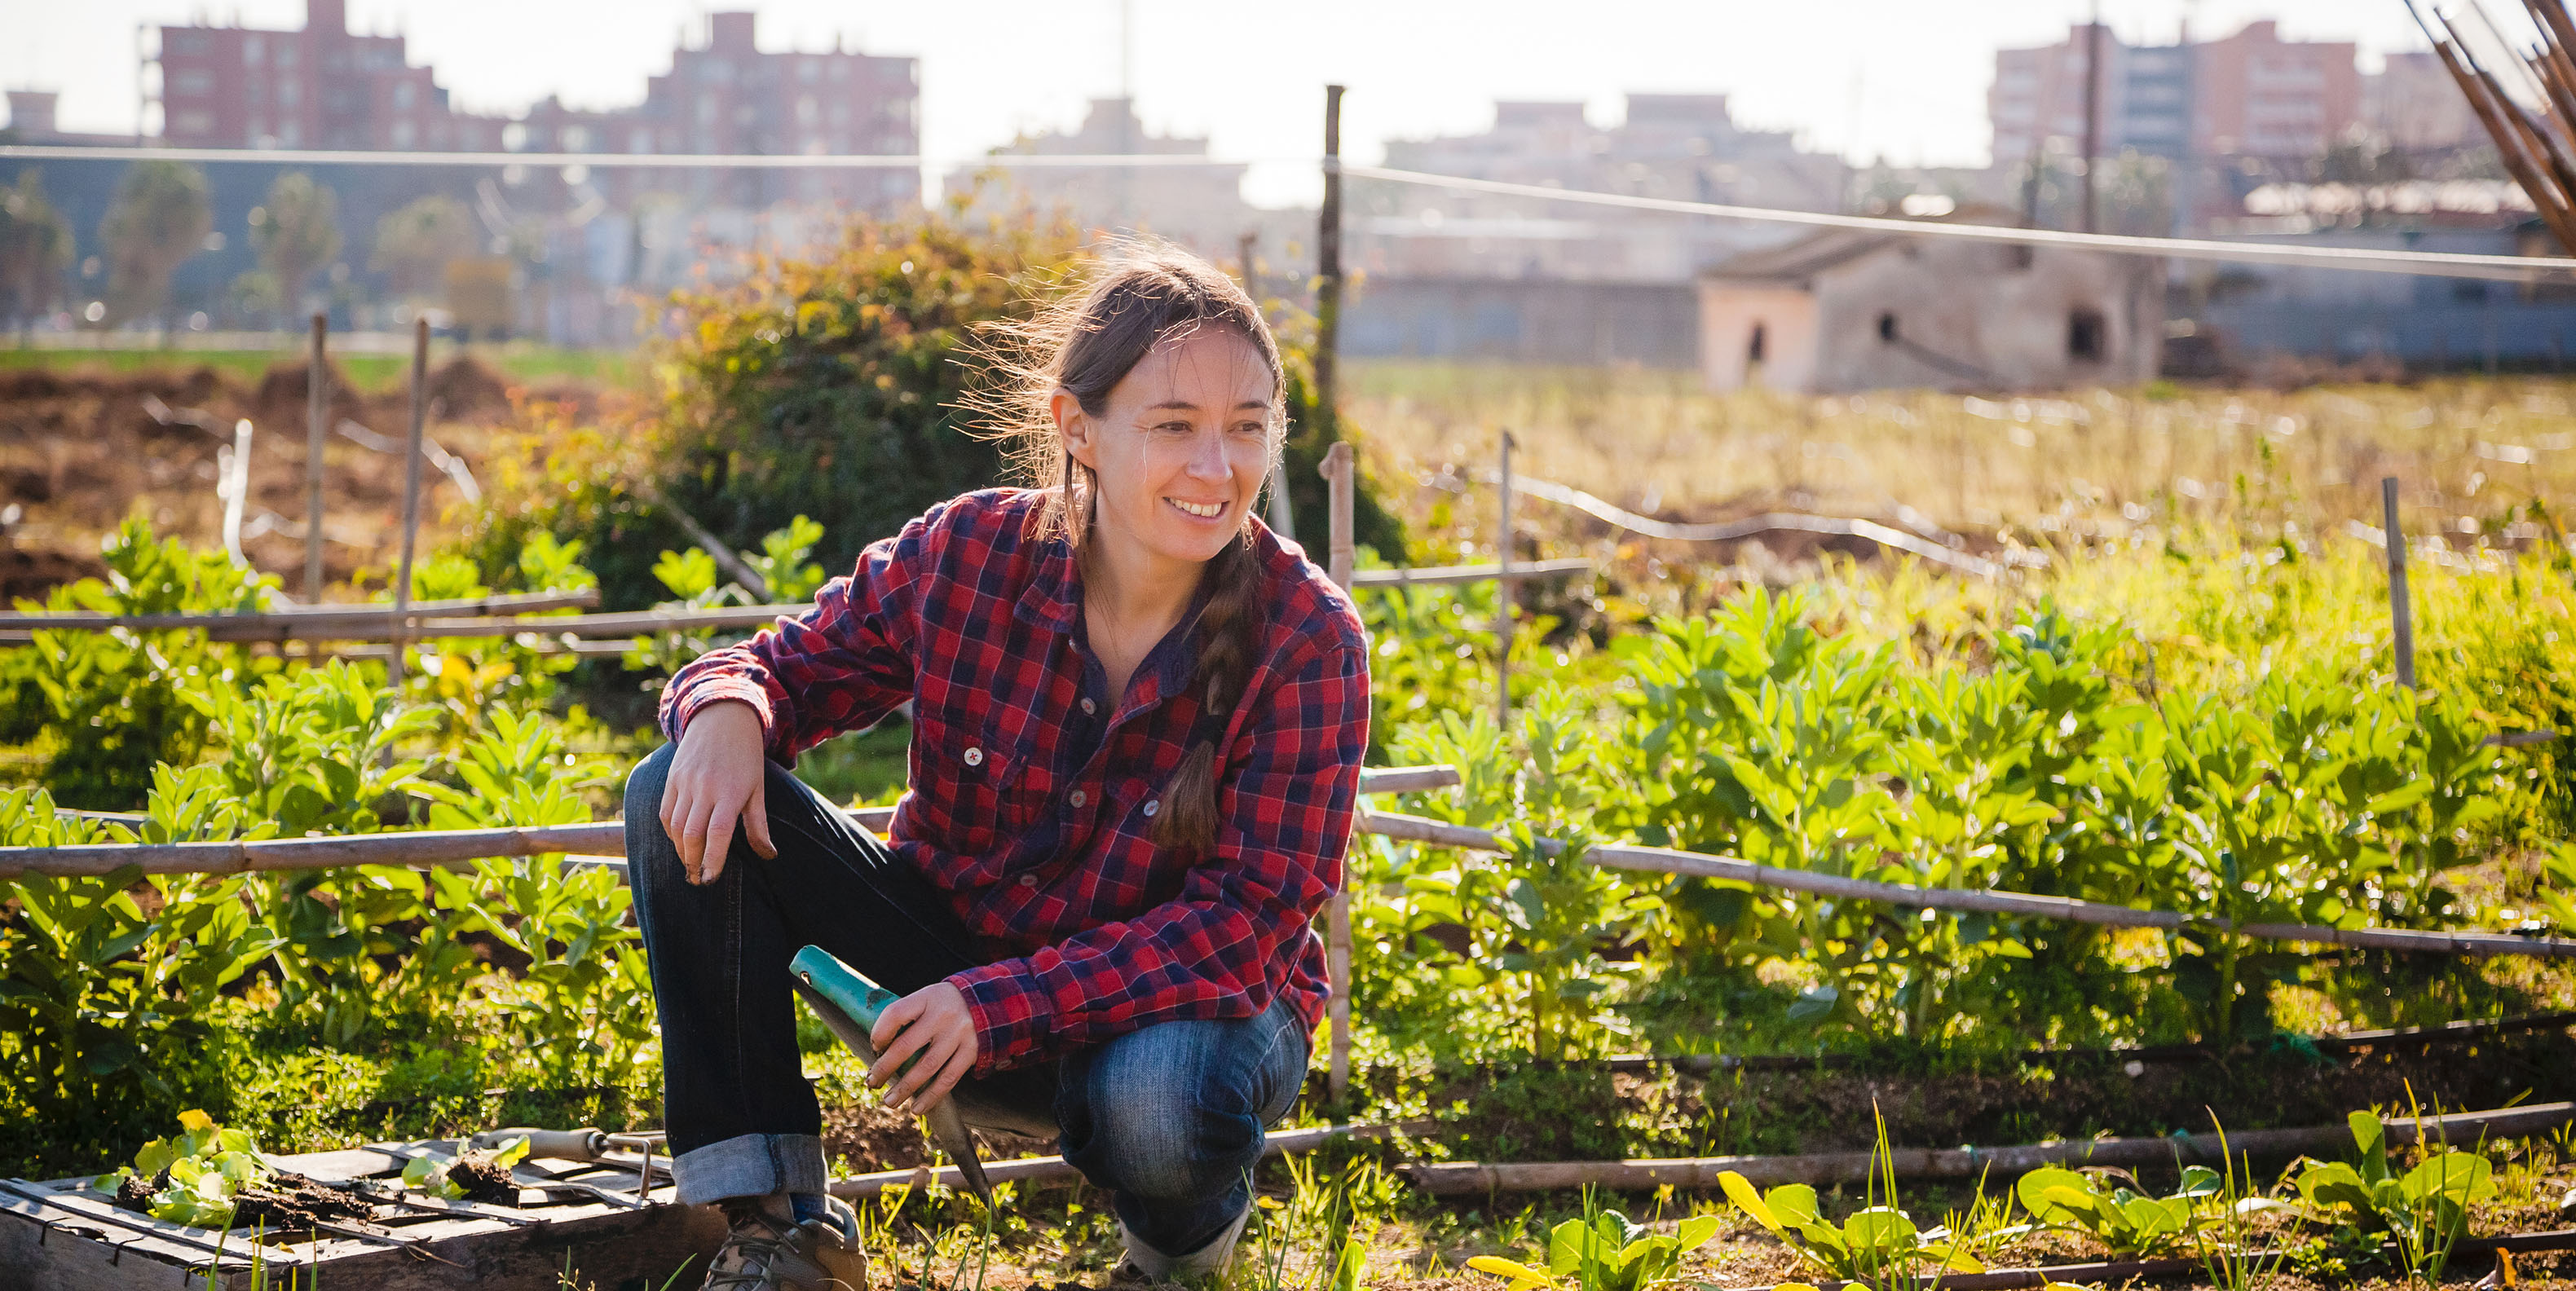 Harvesting opportunities for vulnerable women